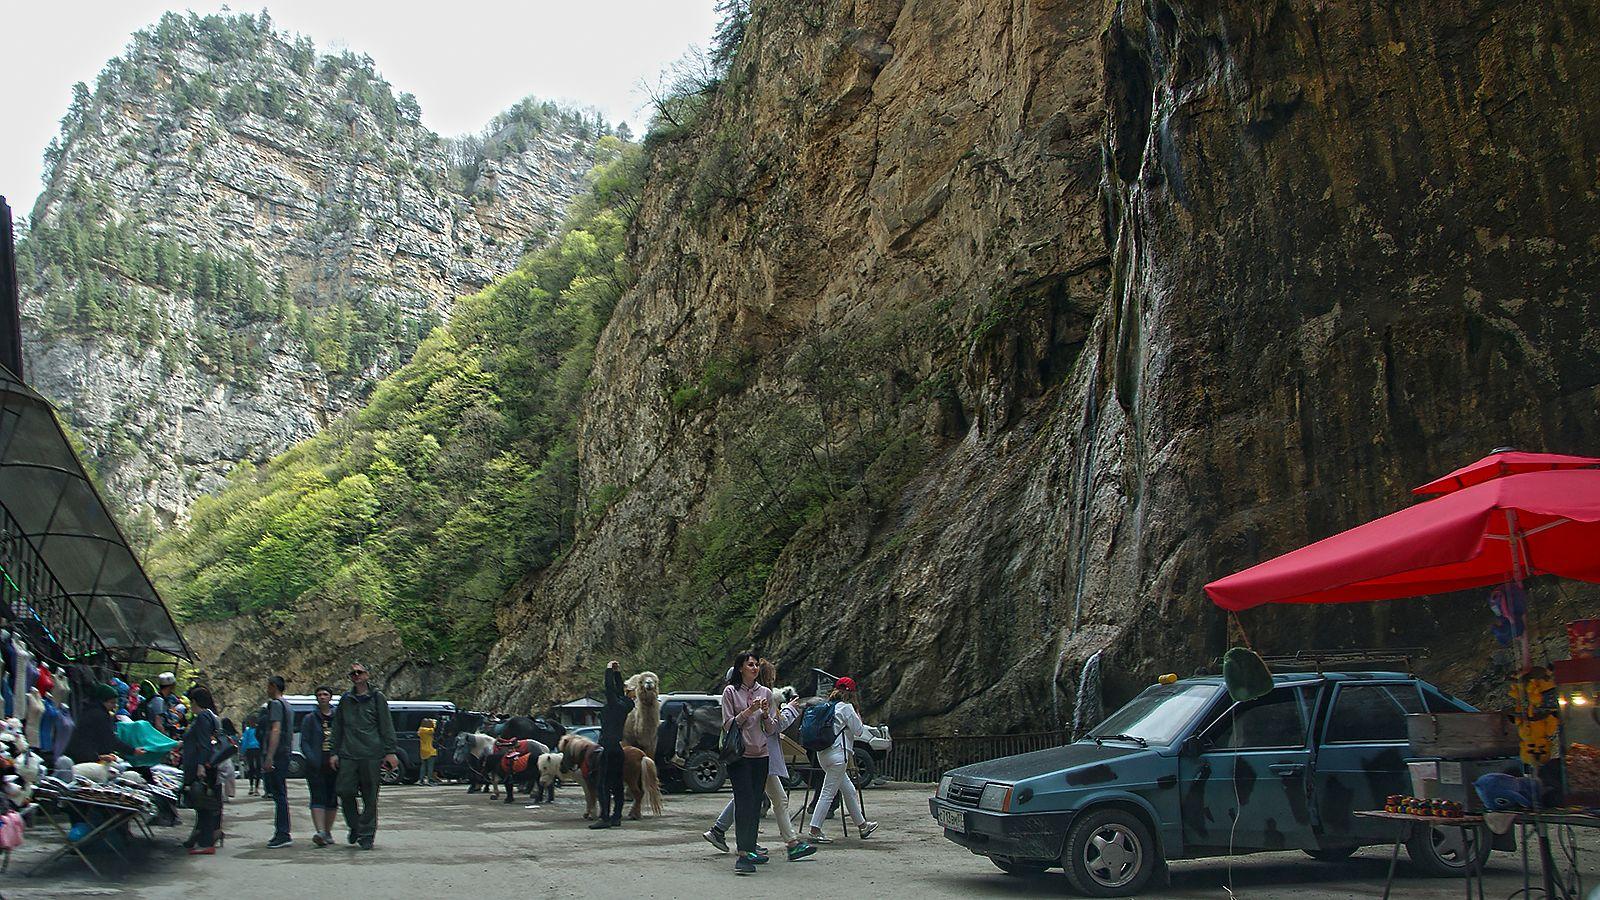 праздность и повседневность у чегемских водопадов Чегемское ущелье водопады праздность туристы повседневность торговцы